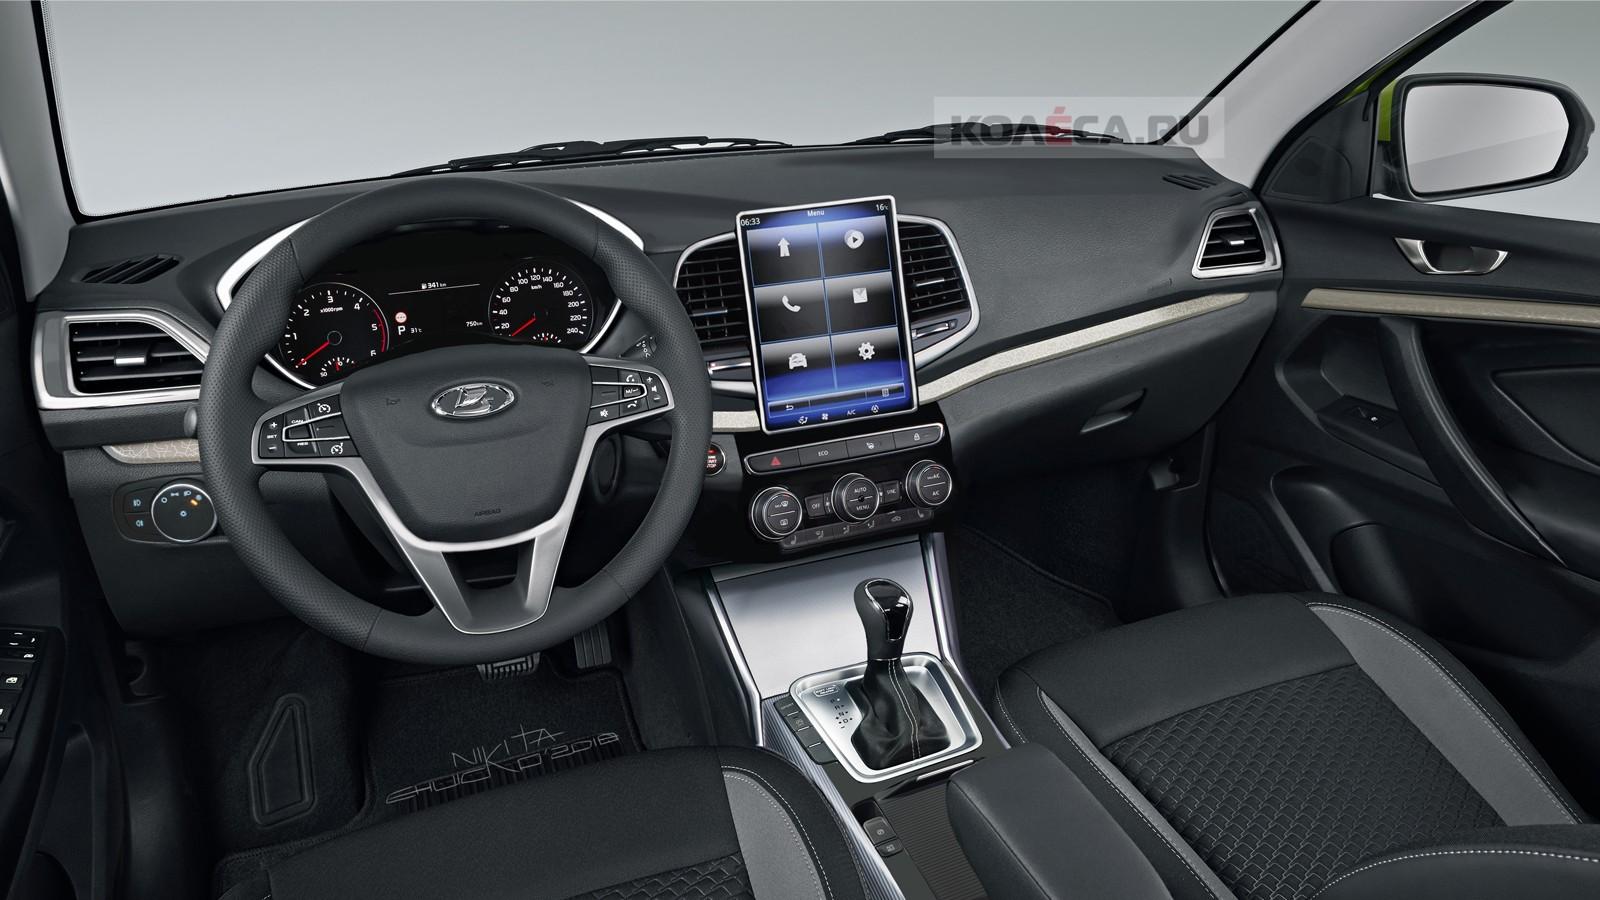 Lada Vesta interior1